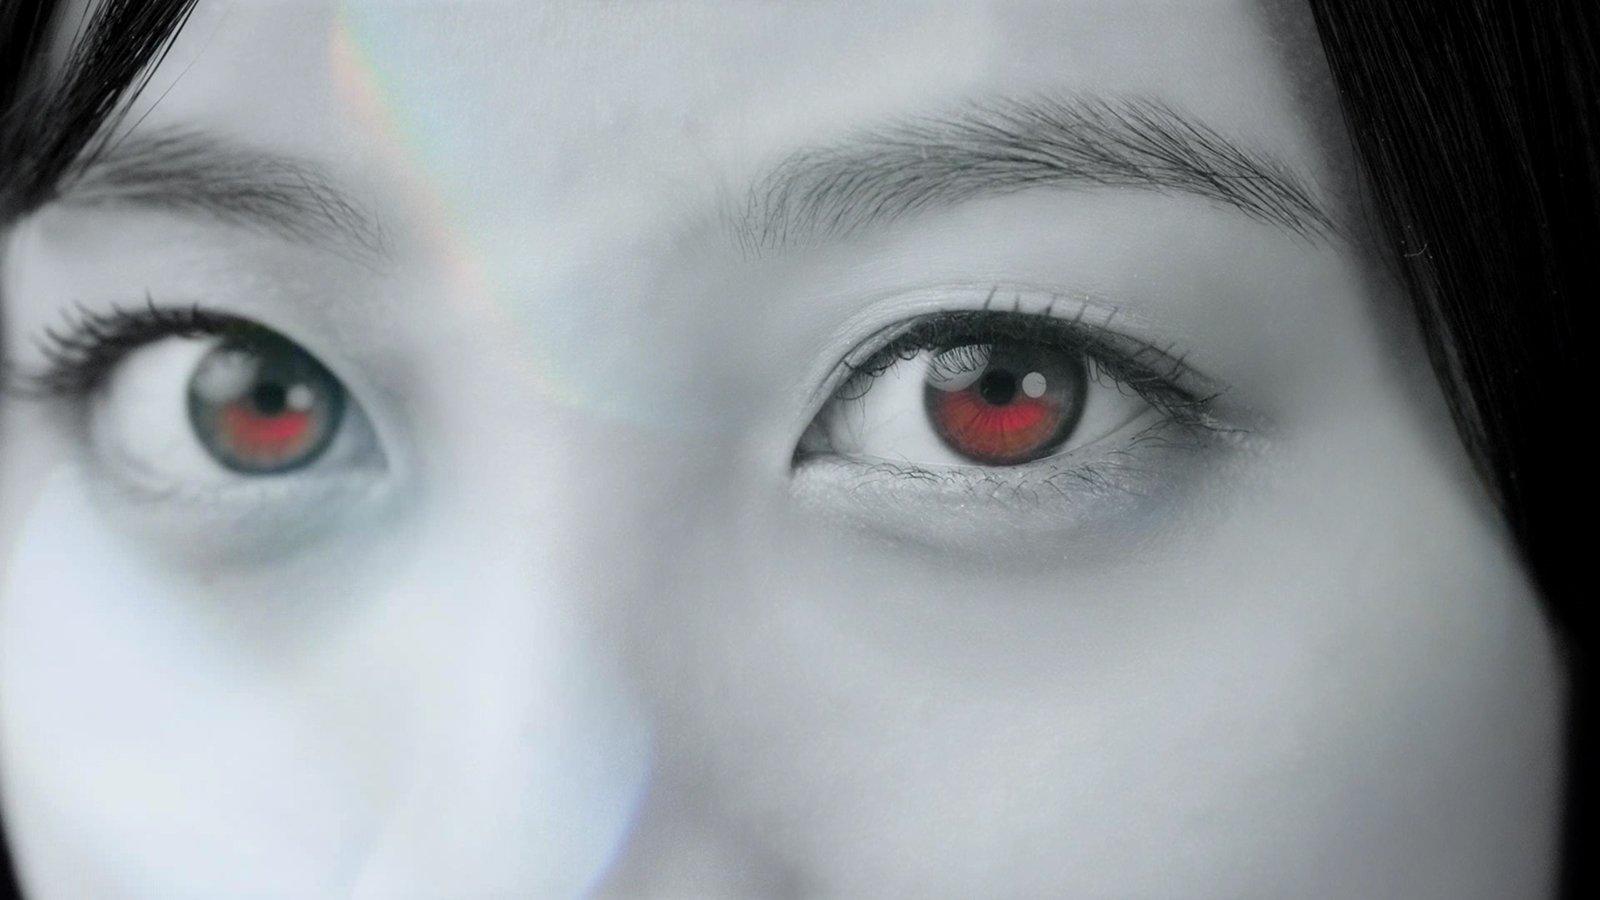 橋本環奈の写真展「19歳の橋本環奈 in 渋谷駅」エロ画像007